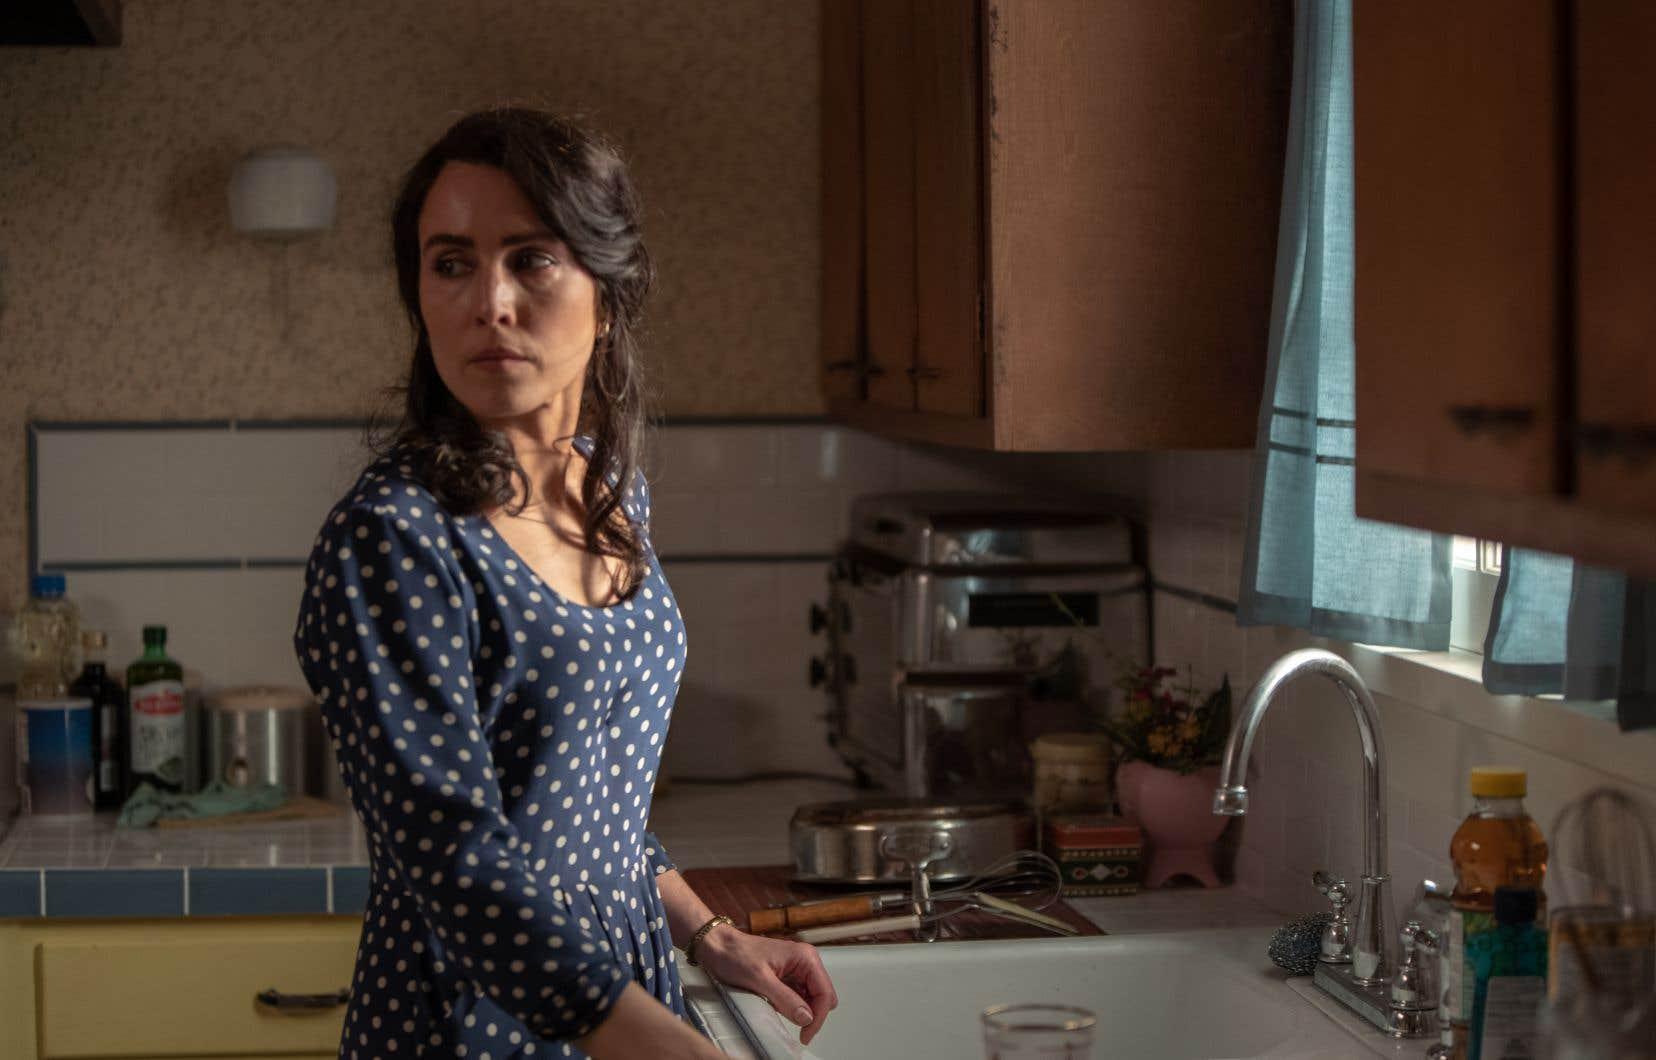 Sur les questionnements moraux et éthiques, le film d'Yuval Adler s'en tient à des considérations essentiellement superficielles.